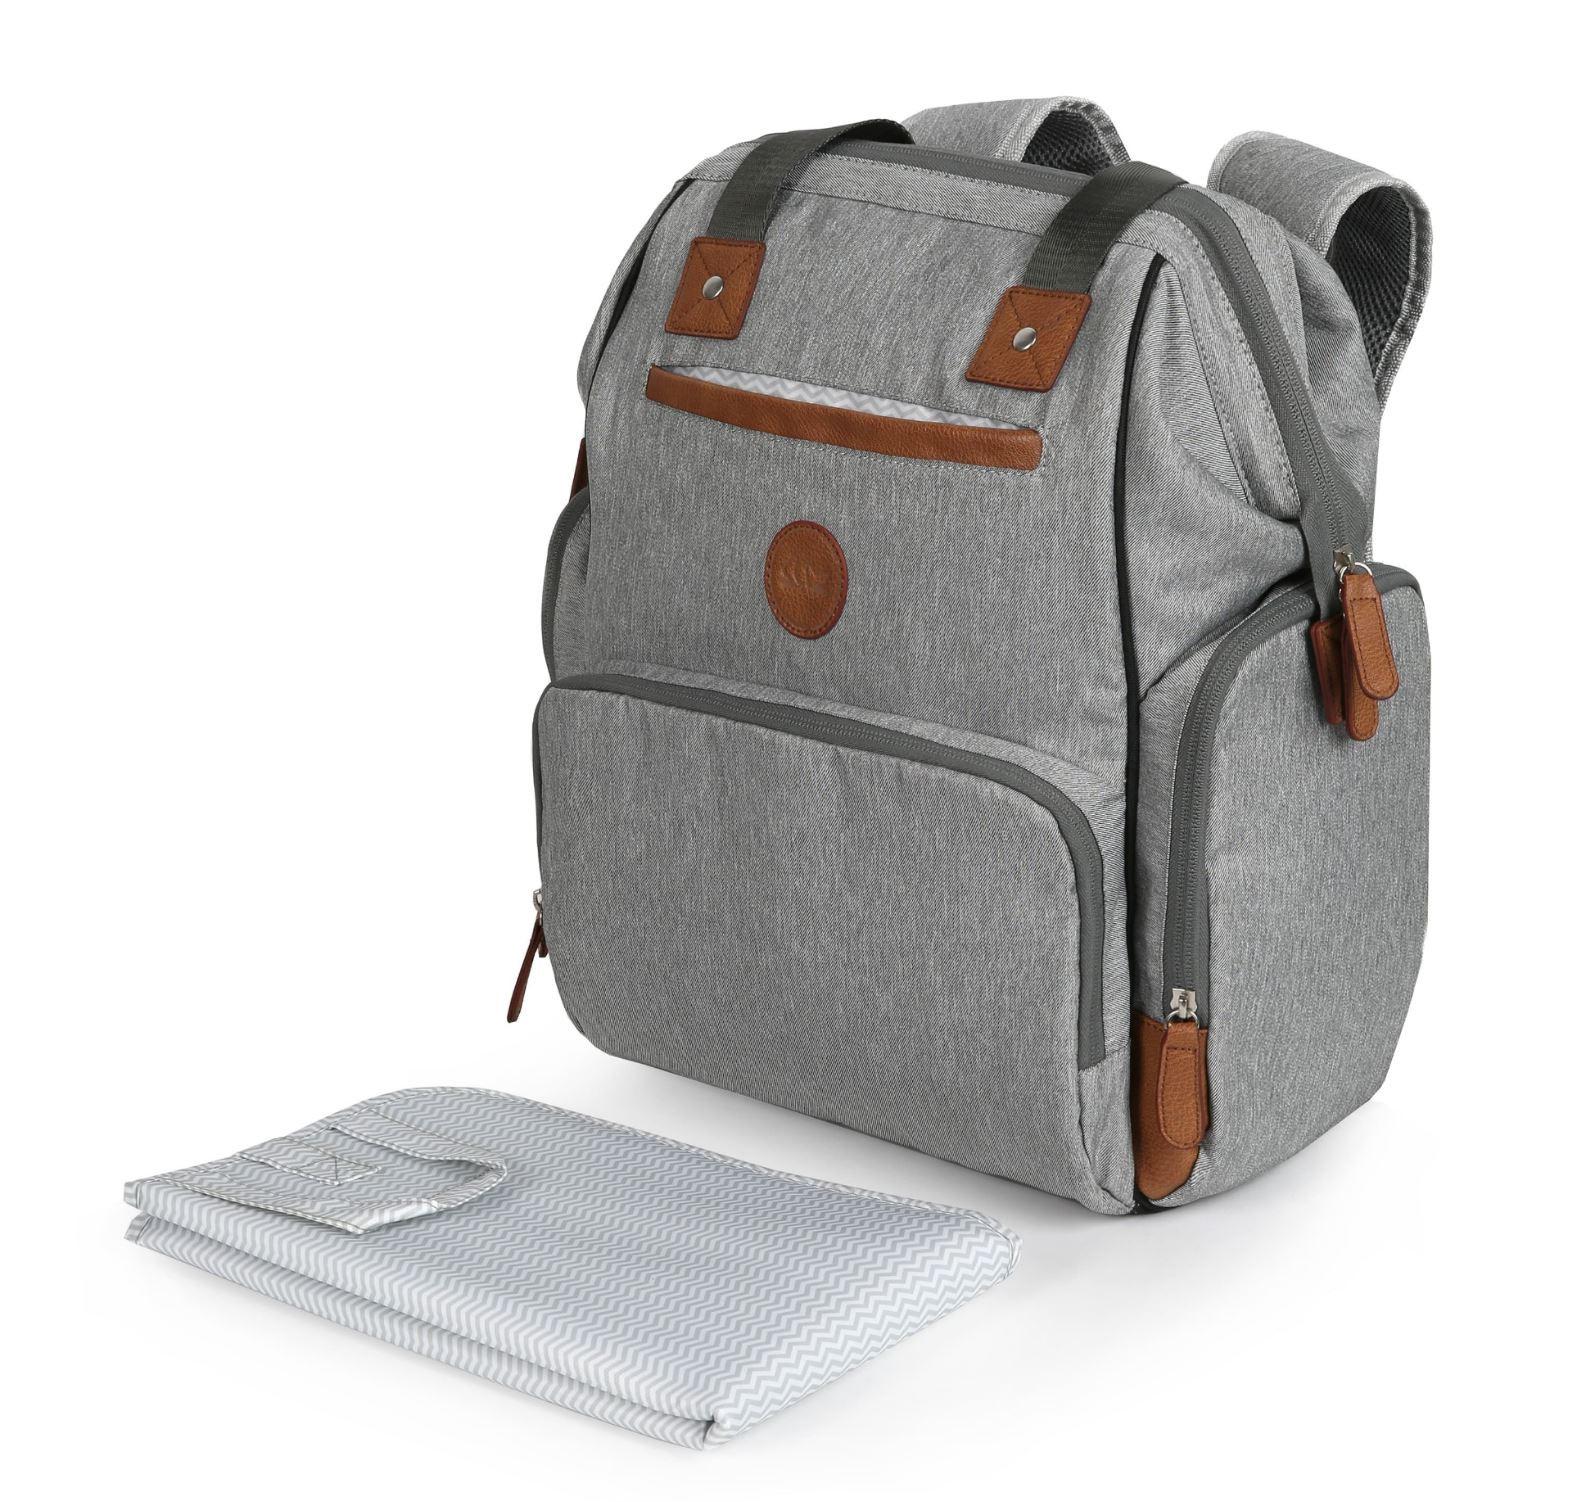 mieux choisir nombreux dans la variété bon ajustement Sac à langer Backpack OUTLANDER : Avis